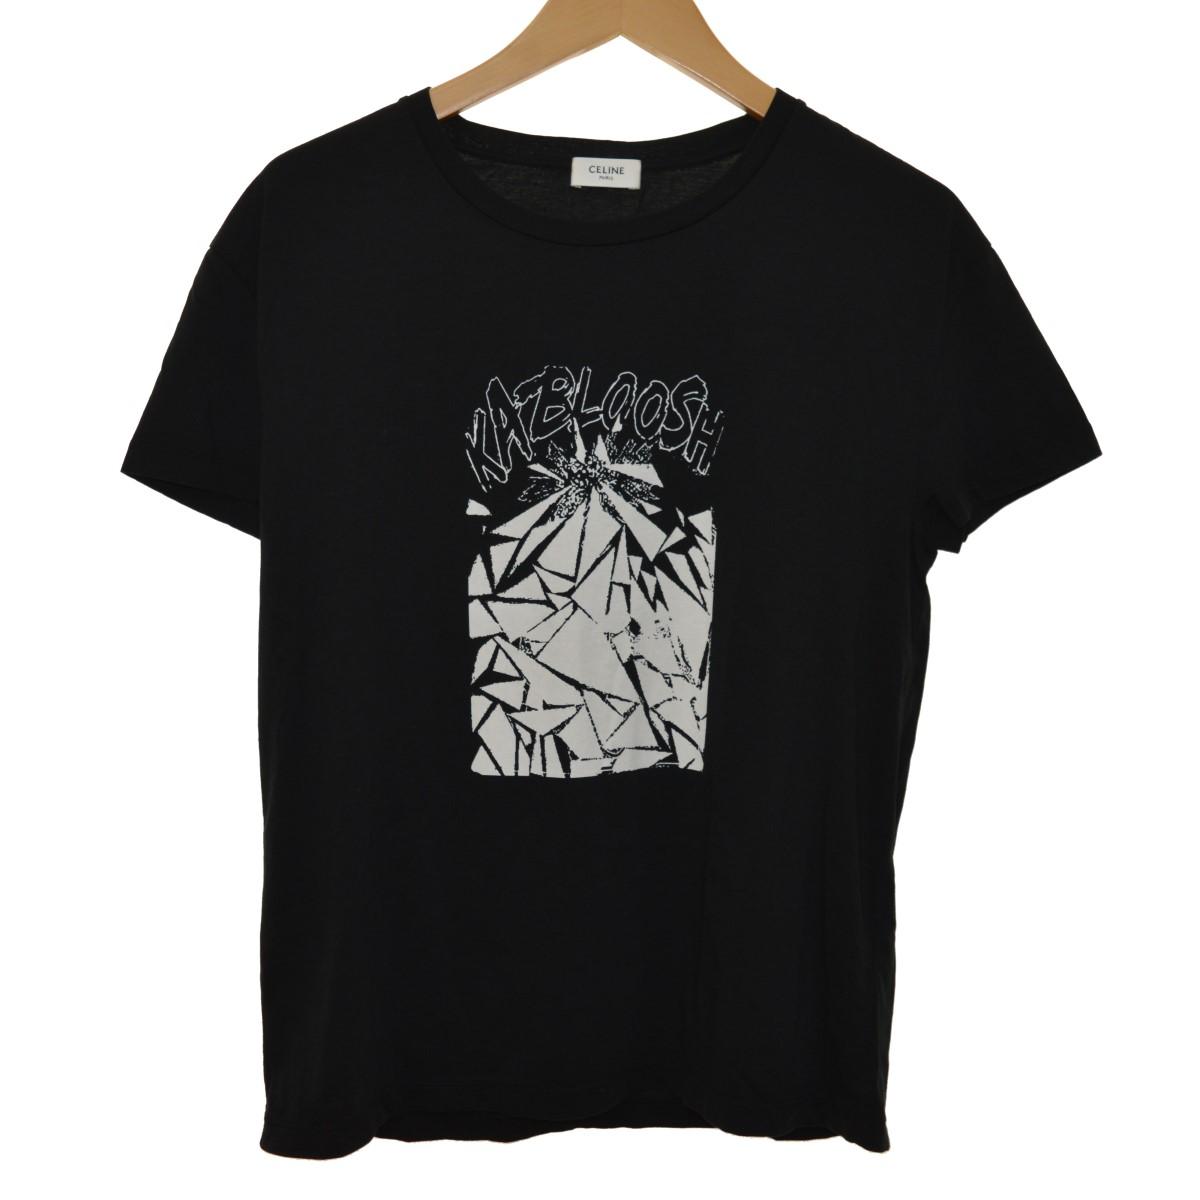 【中古】CELINE 19SS X CHRISTIAN MARCLAY KABLOOSH PRINT TEE ブラック サイズ:S 【020520】(セリーヌ)